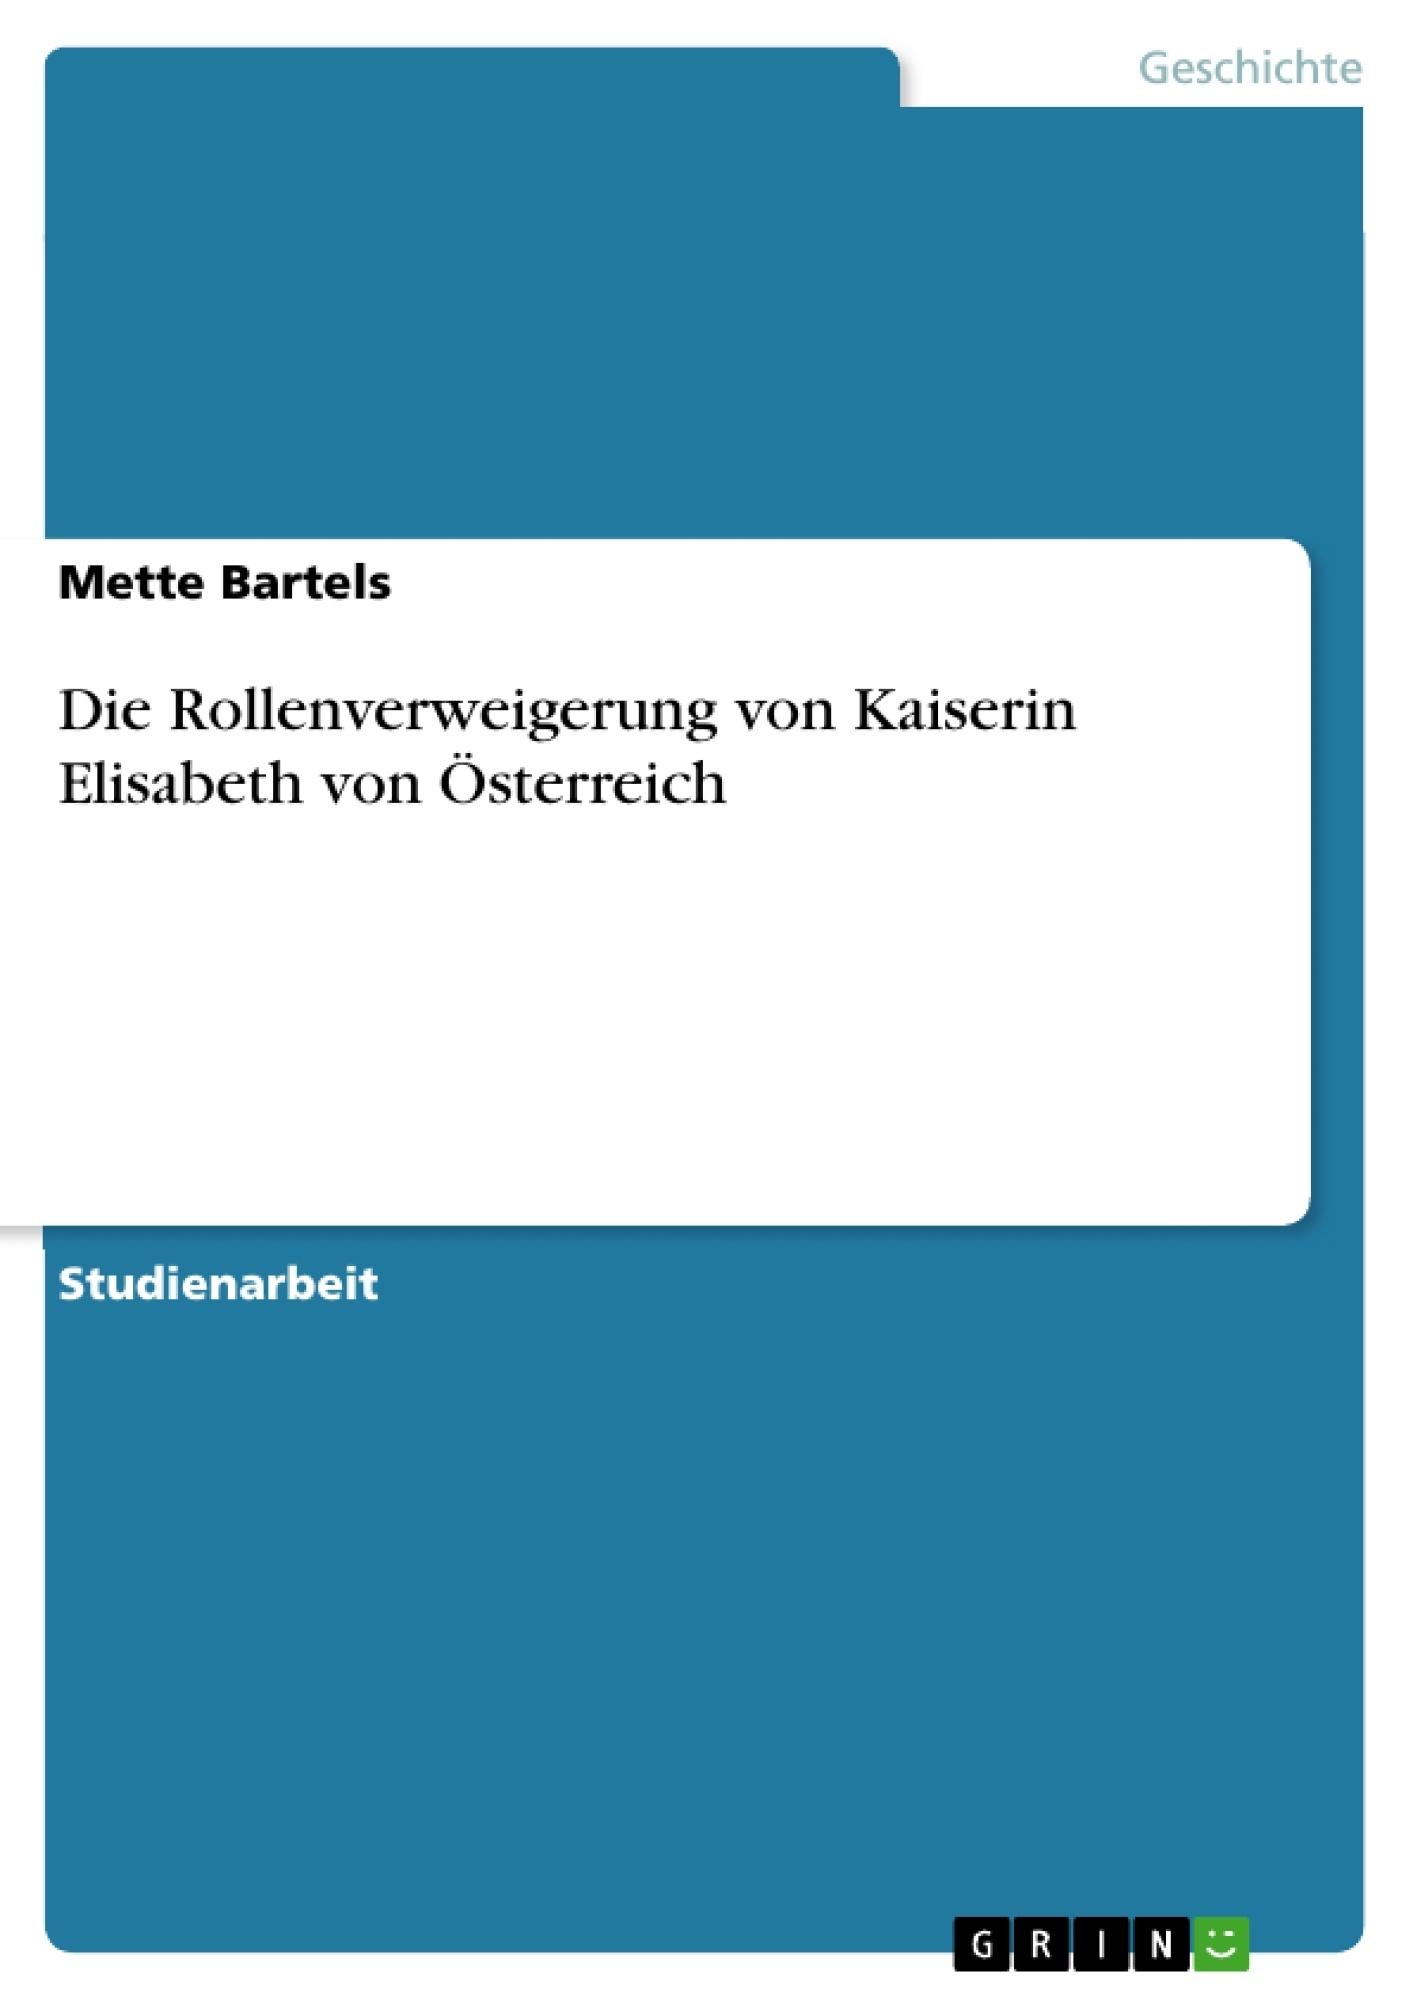 Titel: Die Rollenverweigerung von Kaiserin Elisabeth von Österreich